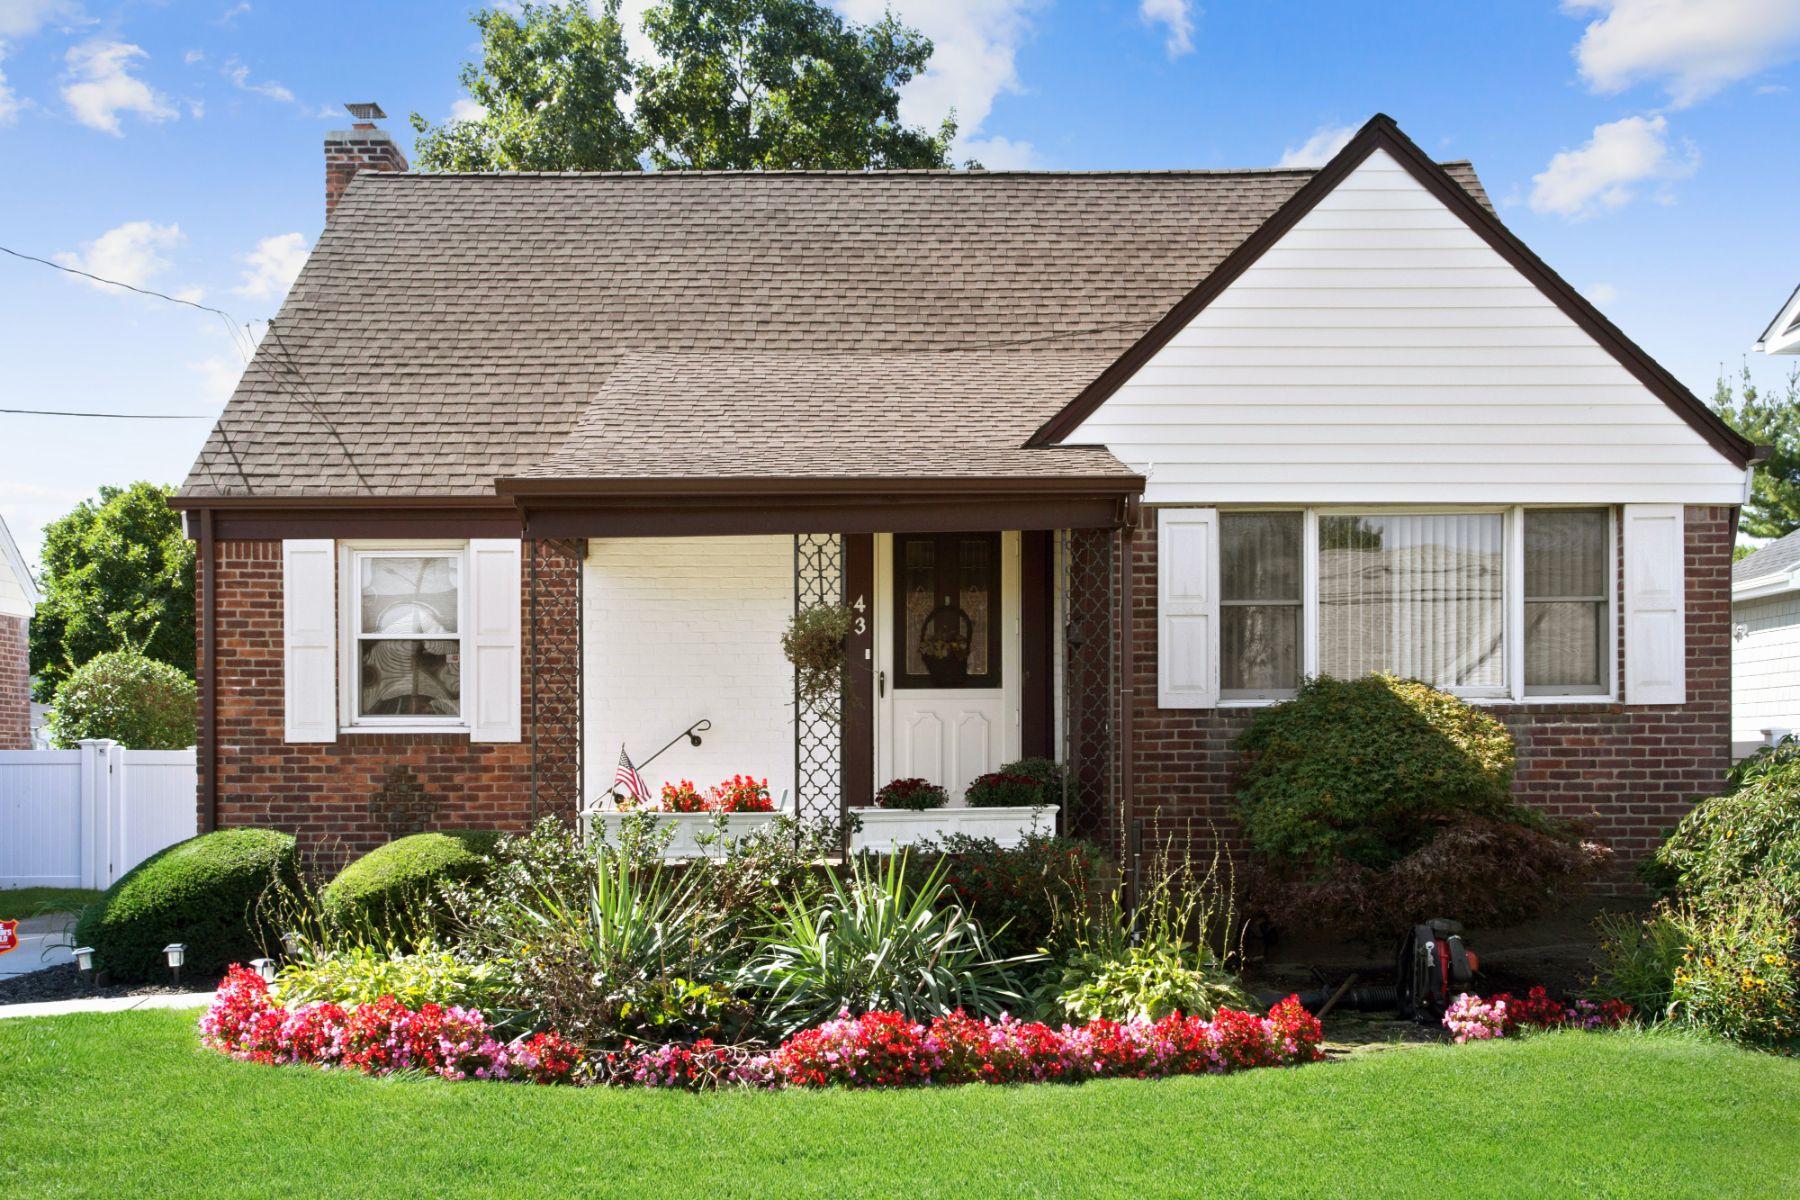 Single Family Homes für Verkauf beim Malverne 43 W Morris Ave, Malverne, New York 11565 Vereinigte Staaten